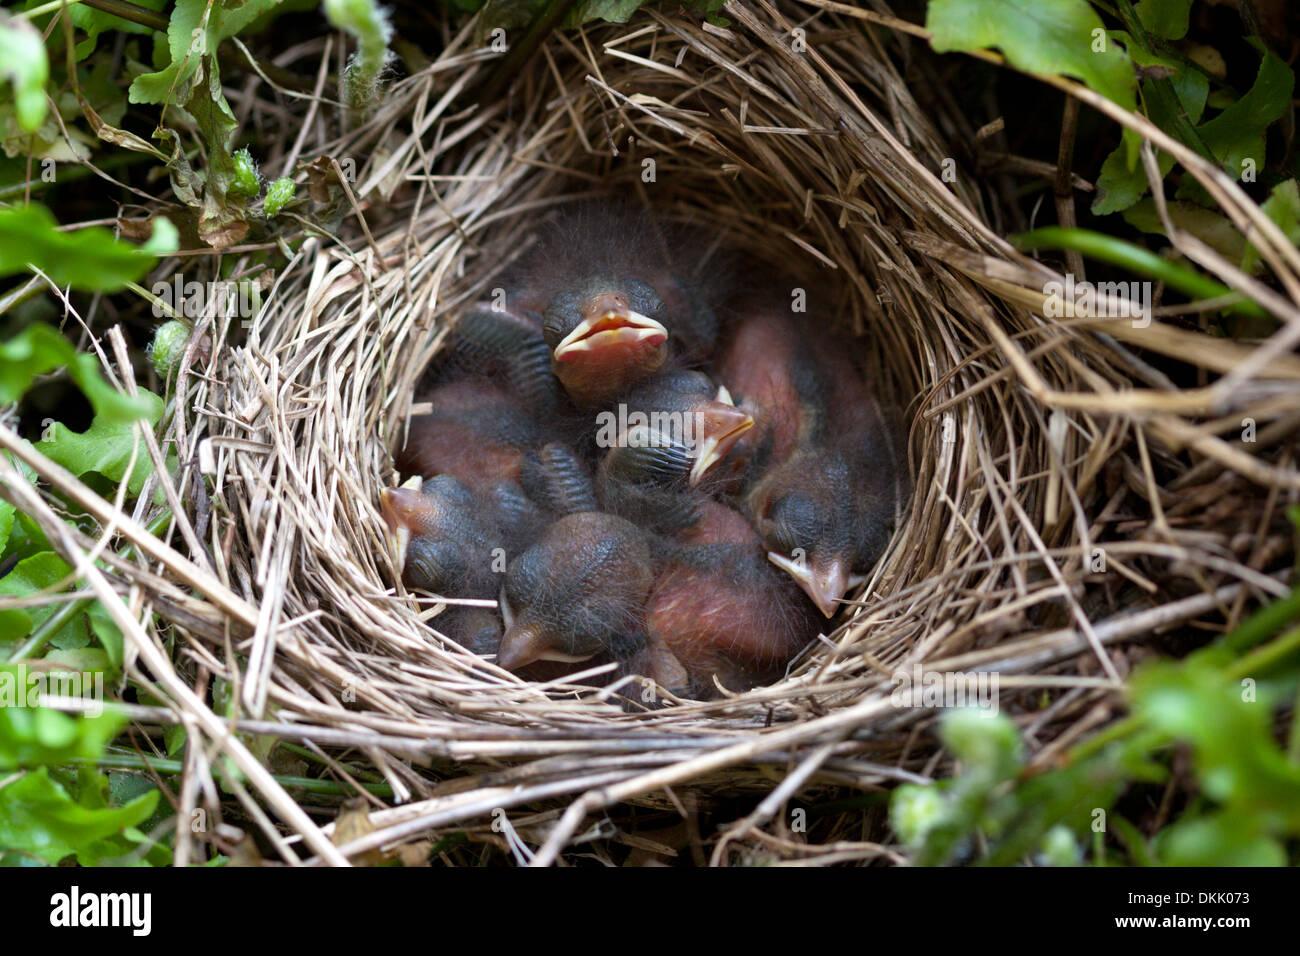 baby birds sparrow nest fledglings nest egg chicks - Stock Image